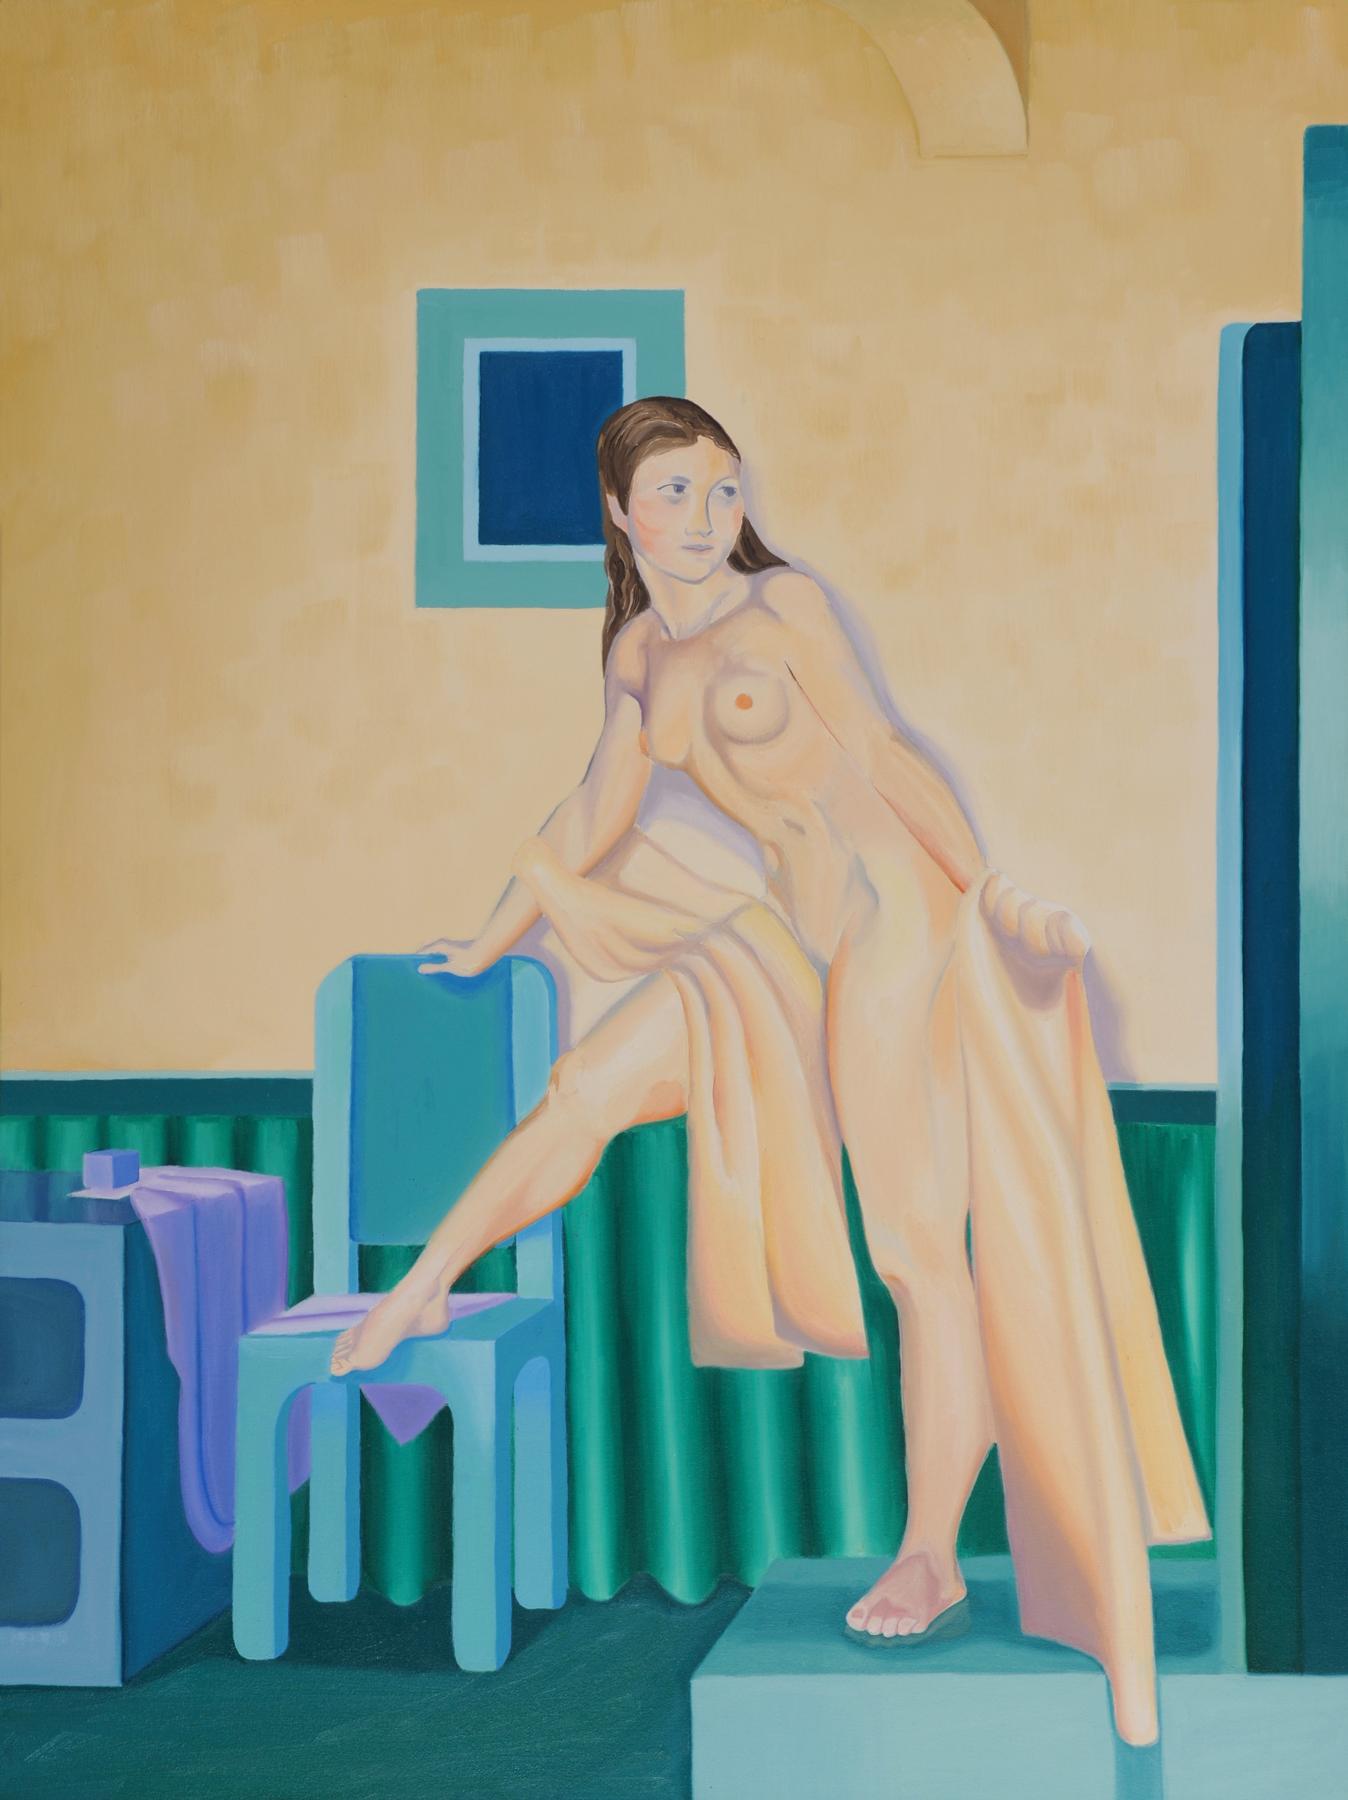 Flint-Nude_4x3